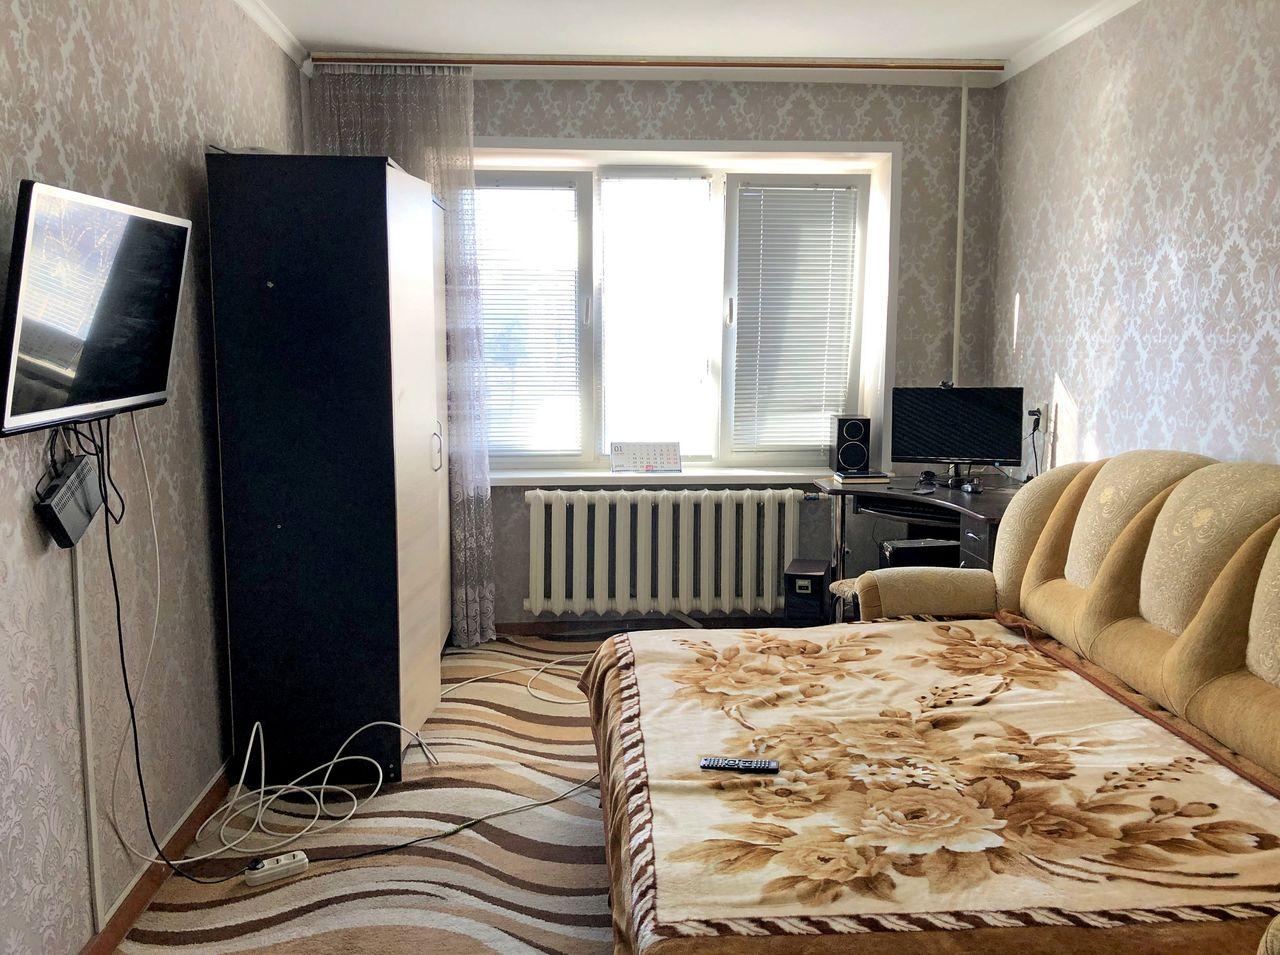 Vânzare, 4 camere, Botanica, str Cetatea Albă, Bilateral, Seria 143